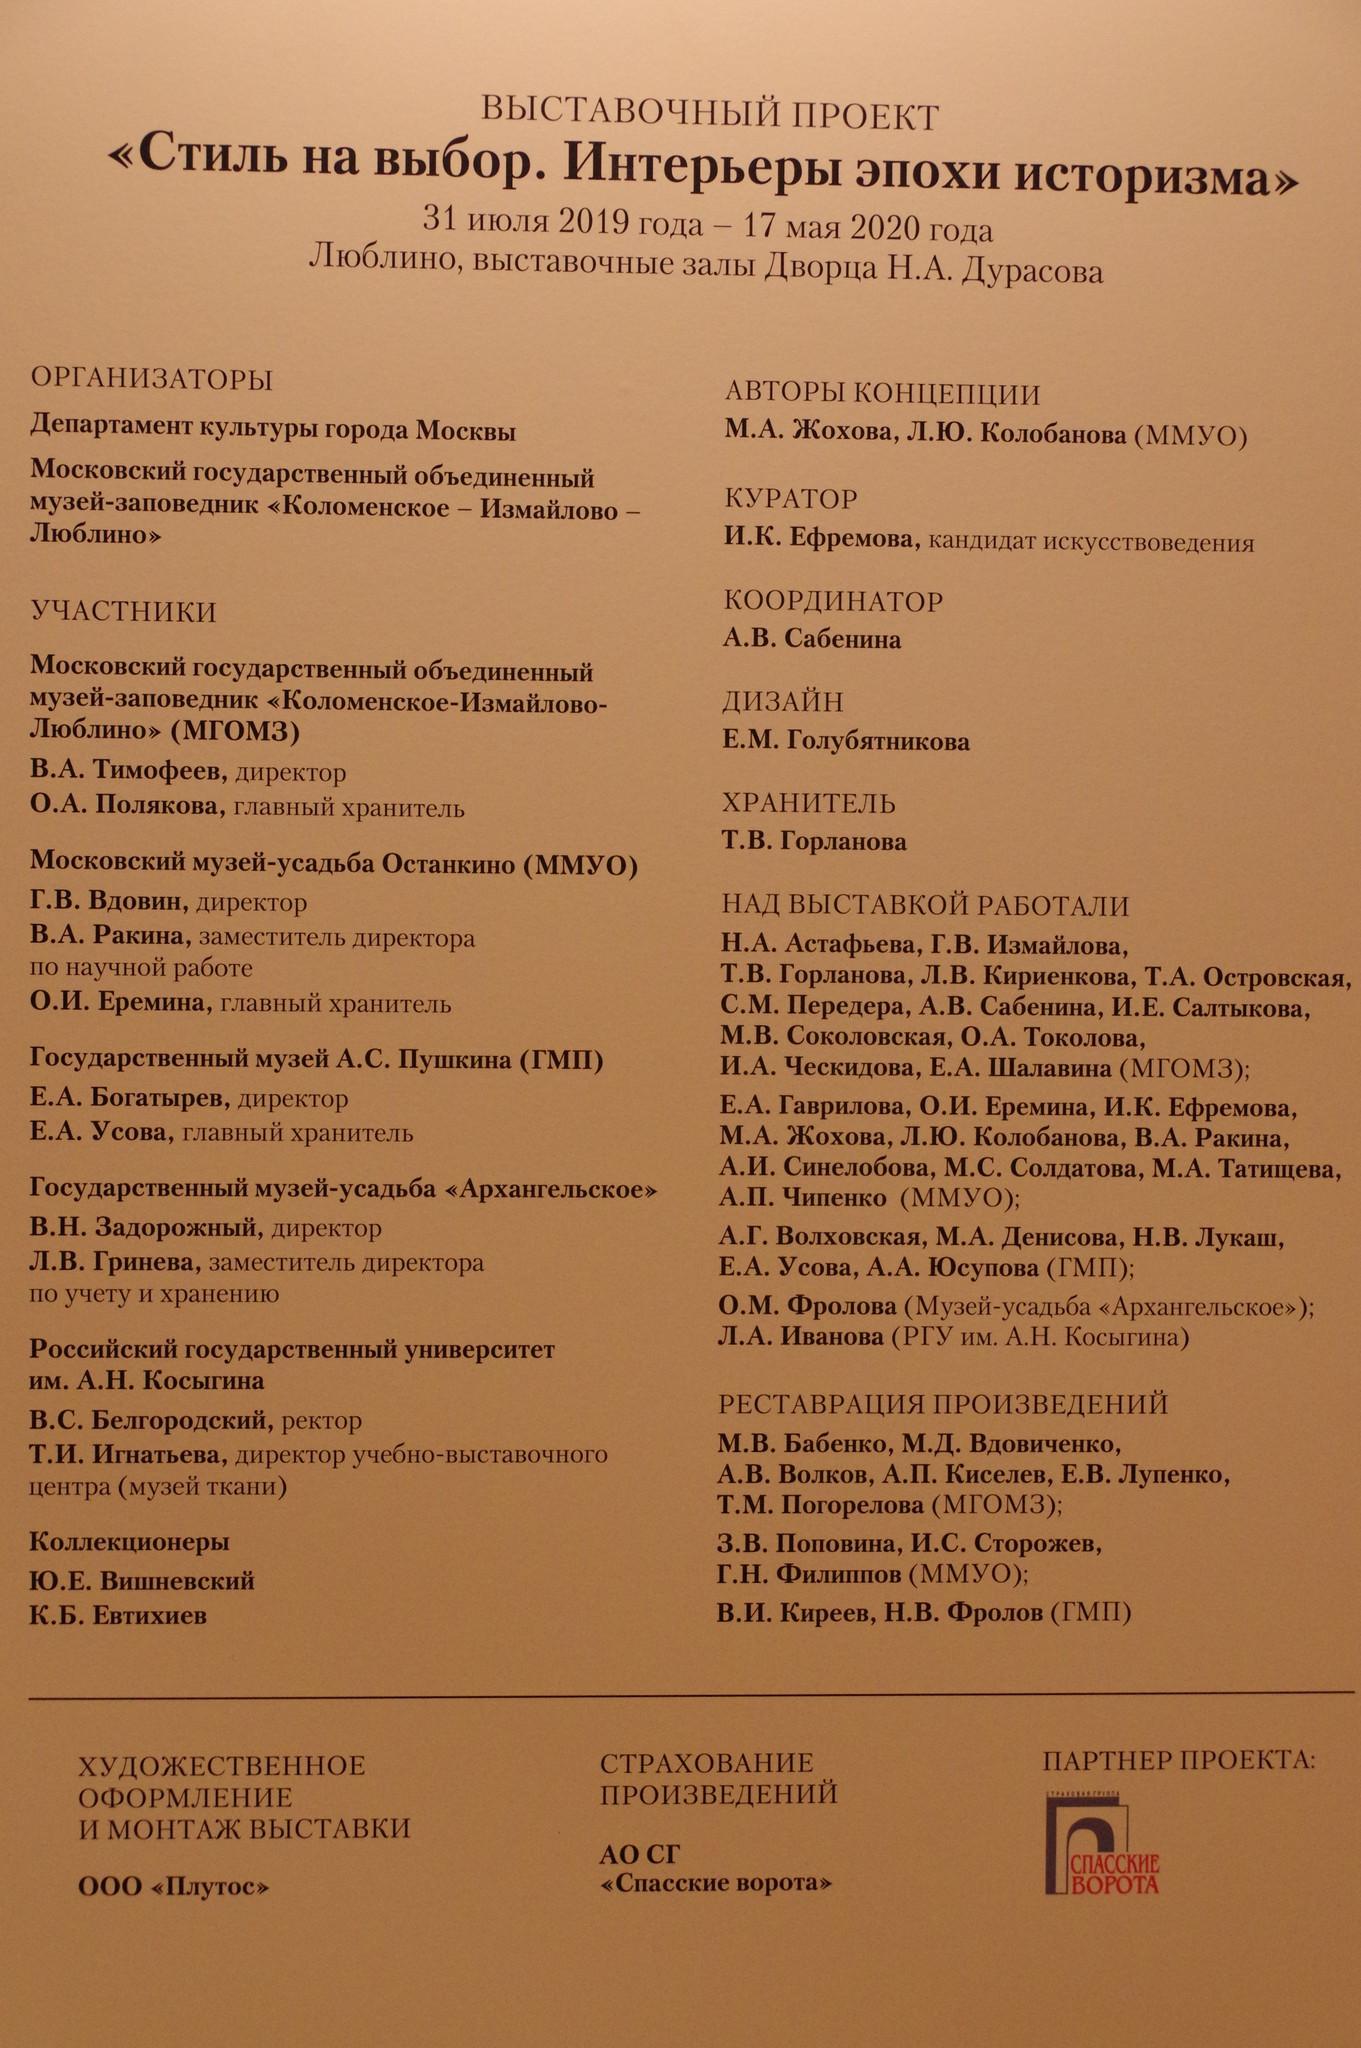 Выставка «Стиль на выбор. Интерьеры эпохи историзма» во Дворце Н.А. Дурасова